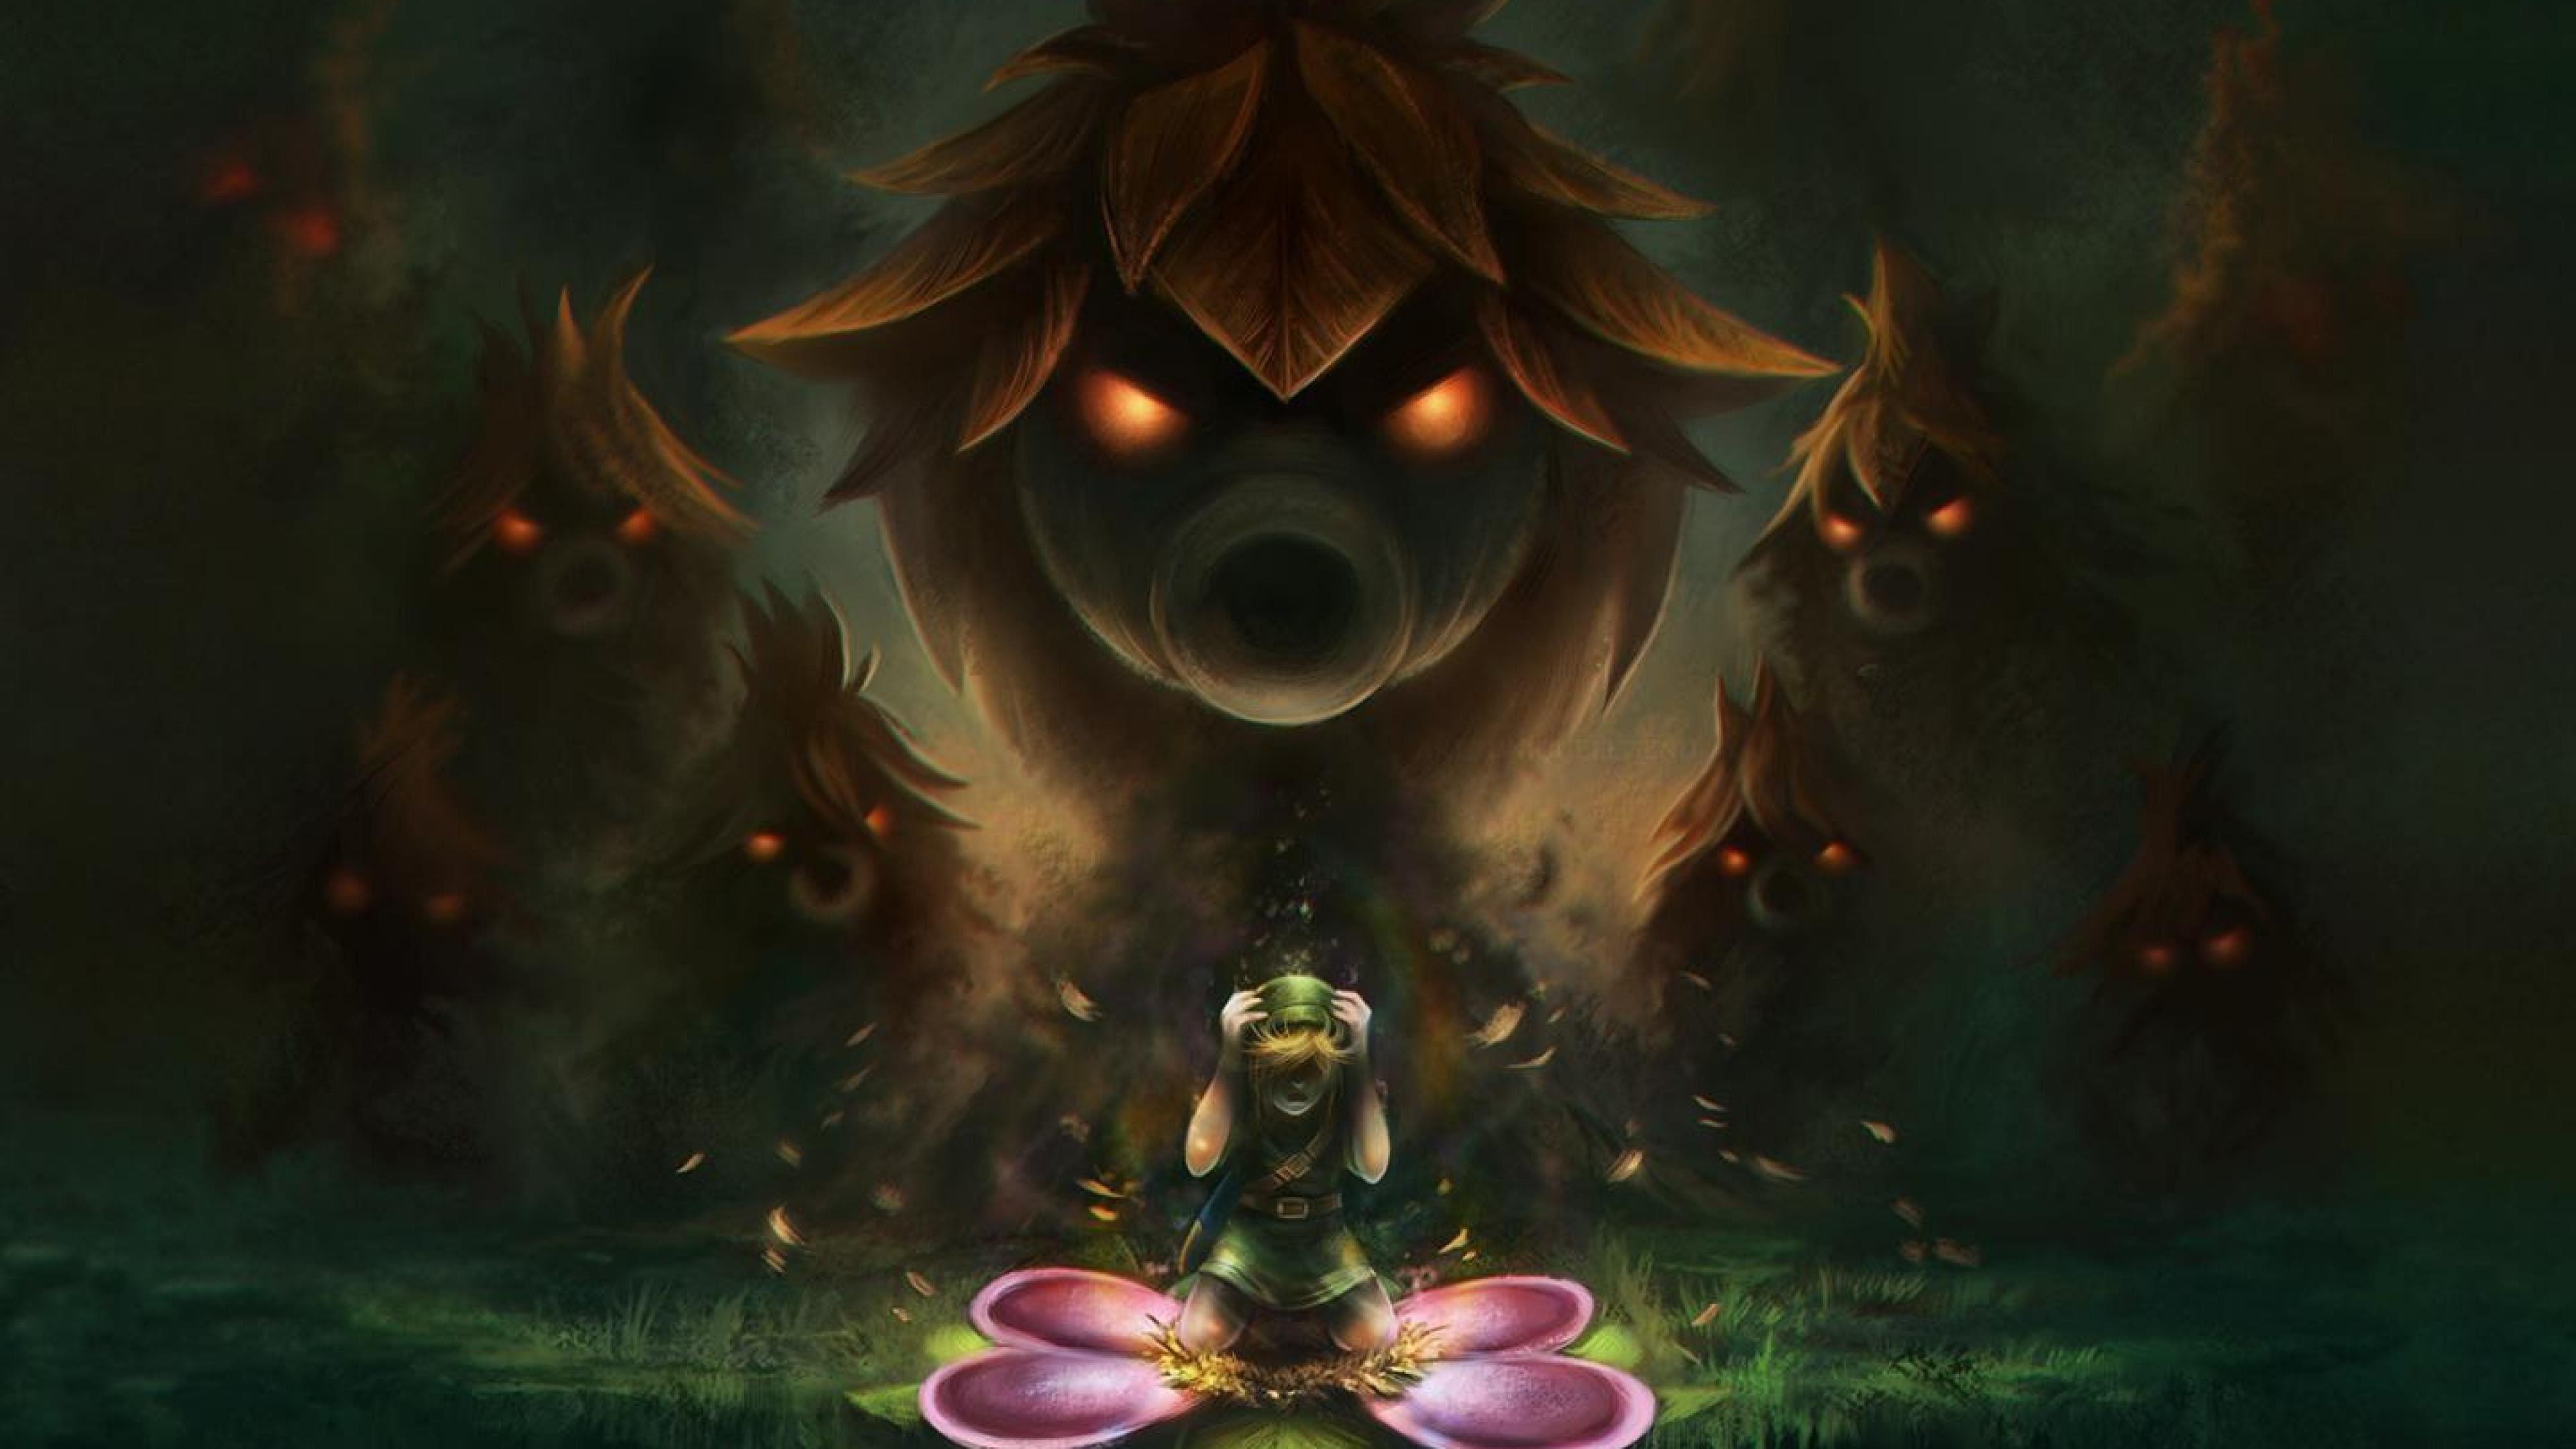 3840x2160 HD 4k Wallpaper The Legend Of Zelda